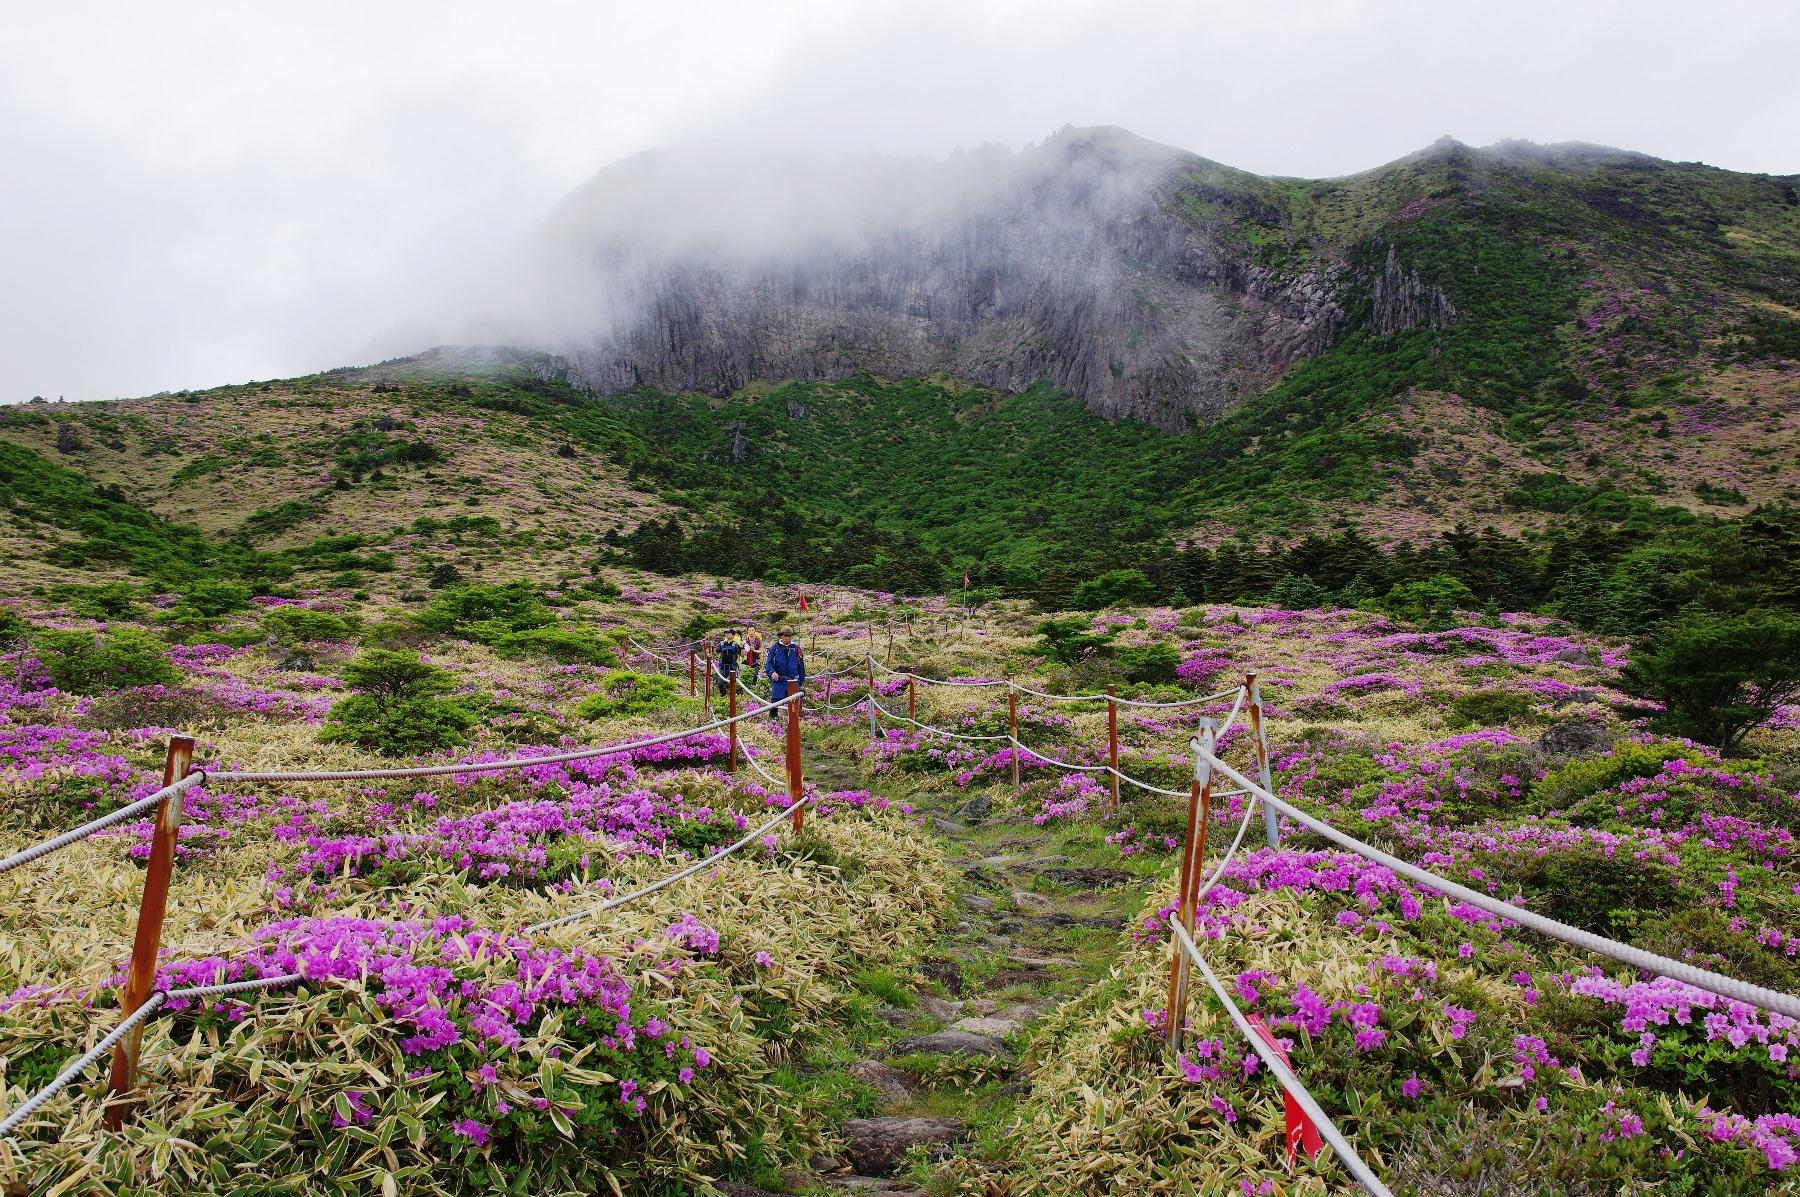 漢拏山の南壁が迫る南麓のコースを下る(2日目)